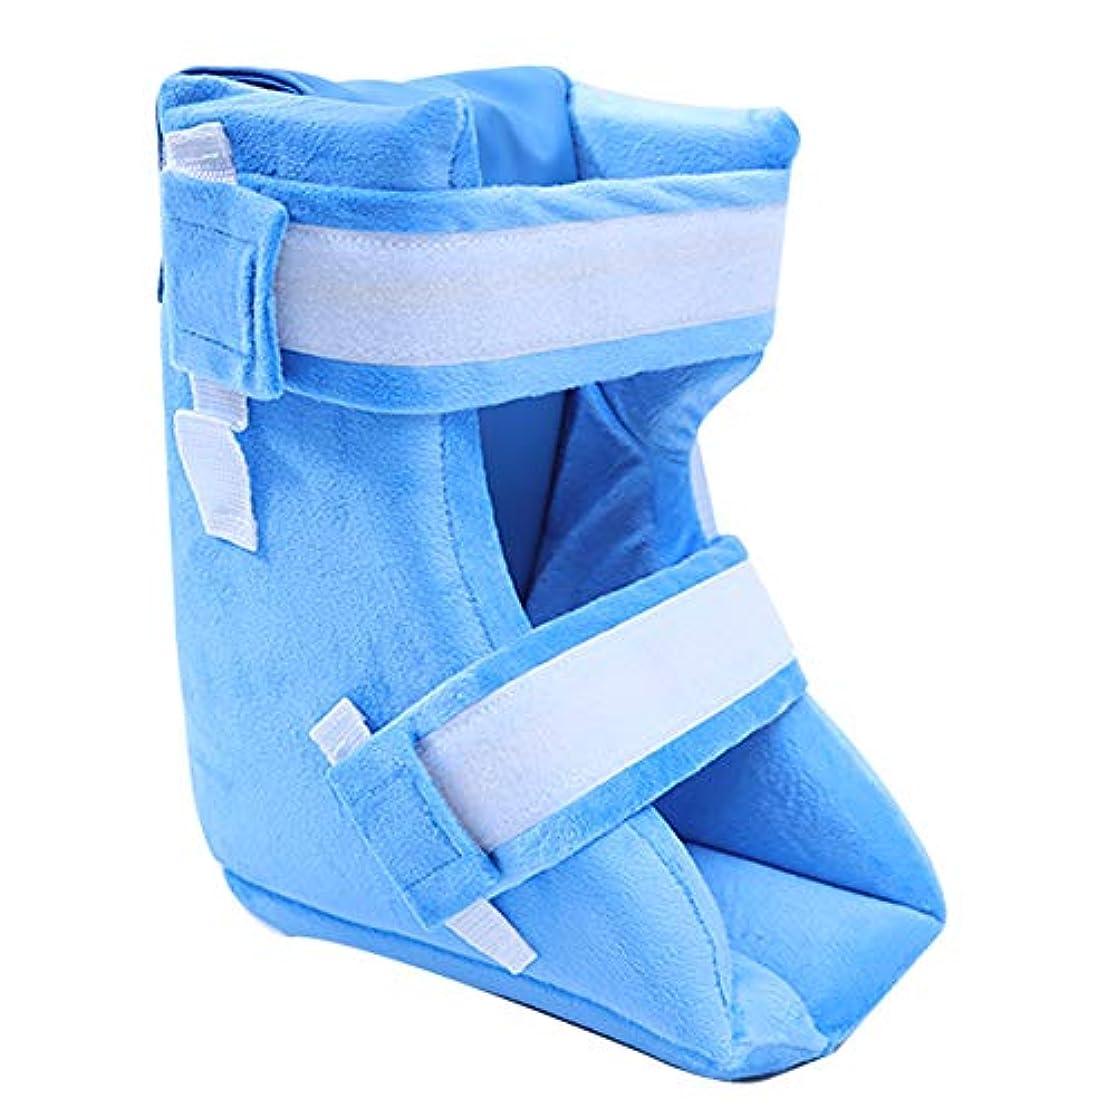 柔らかさ拡散するビルヒールプロテクター、ベッドの痛みのためのプロテクタークッション、足のエレベーターサポート枕、身に着けているために調節可能で簡単、治癒を促進するために圧力、傷や潰瘍から保護